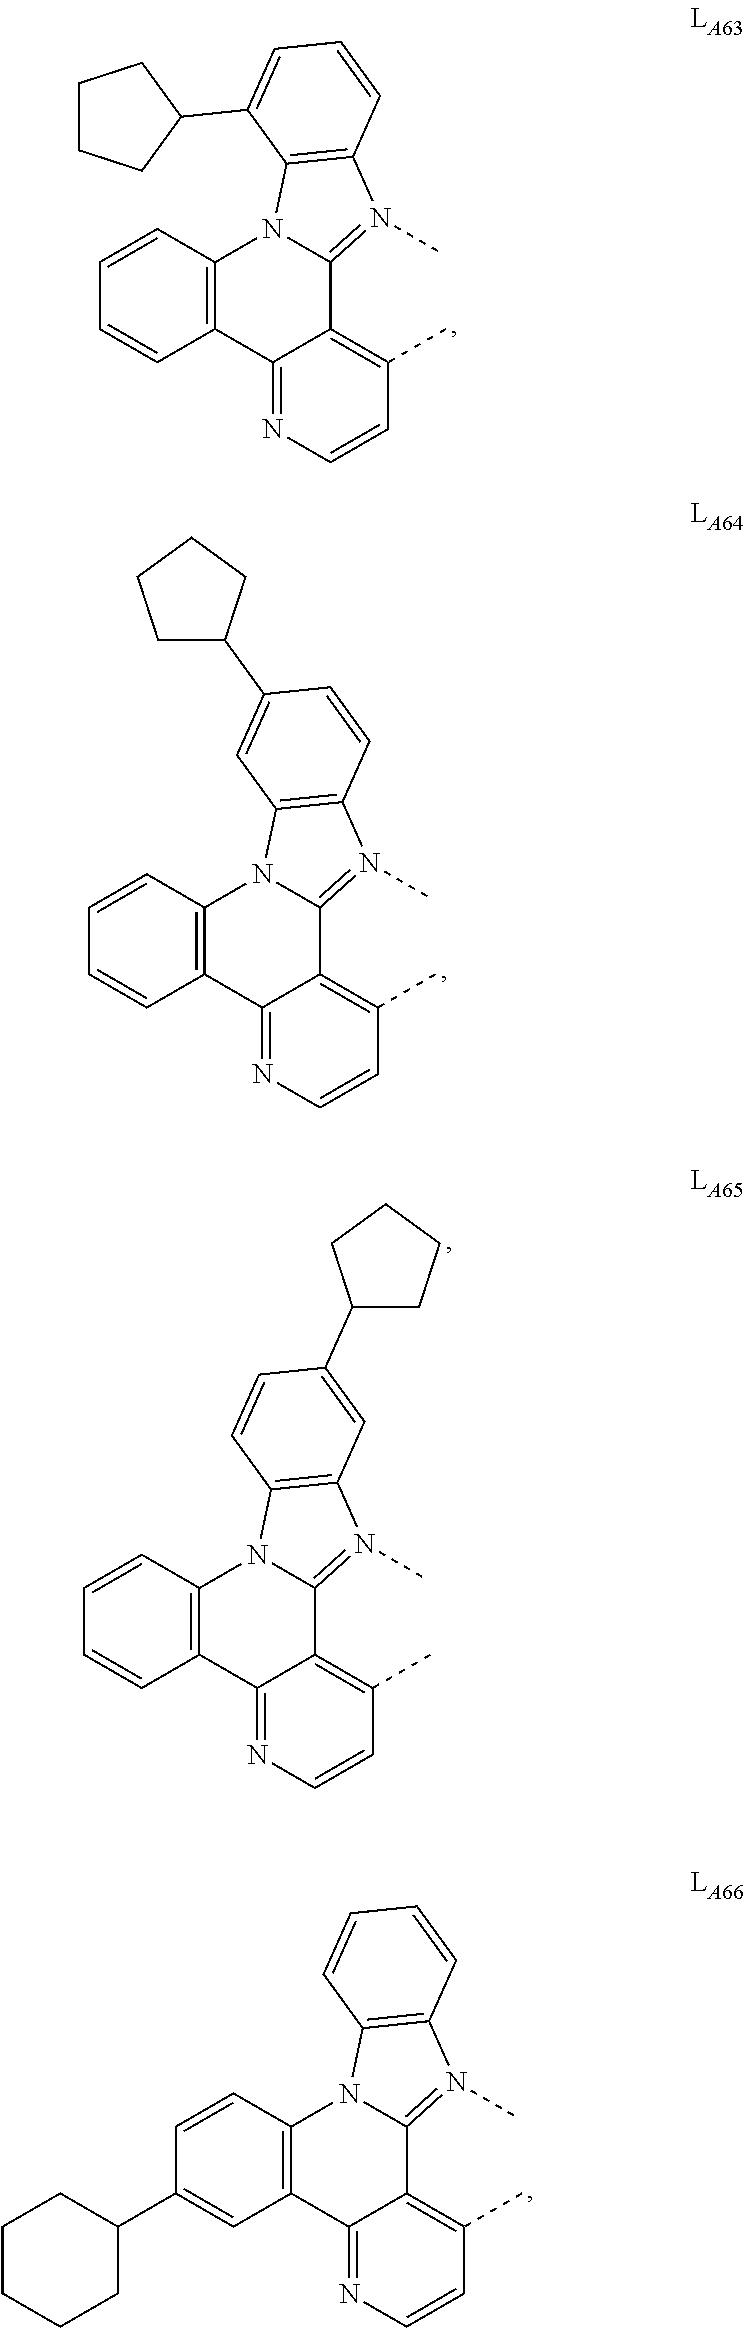 Figure US09905785-20180227-C00039